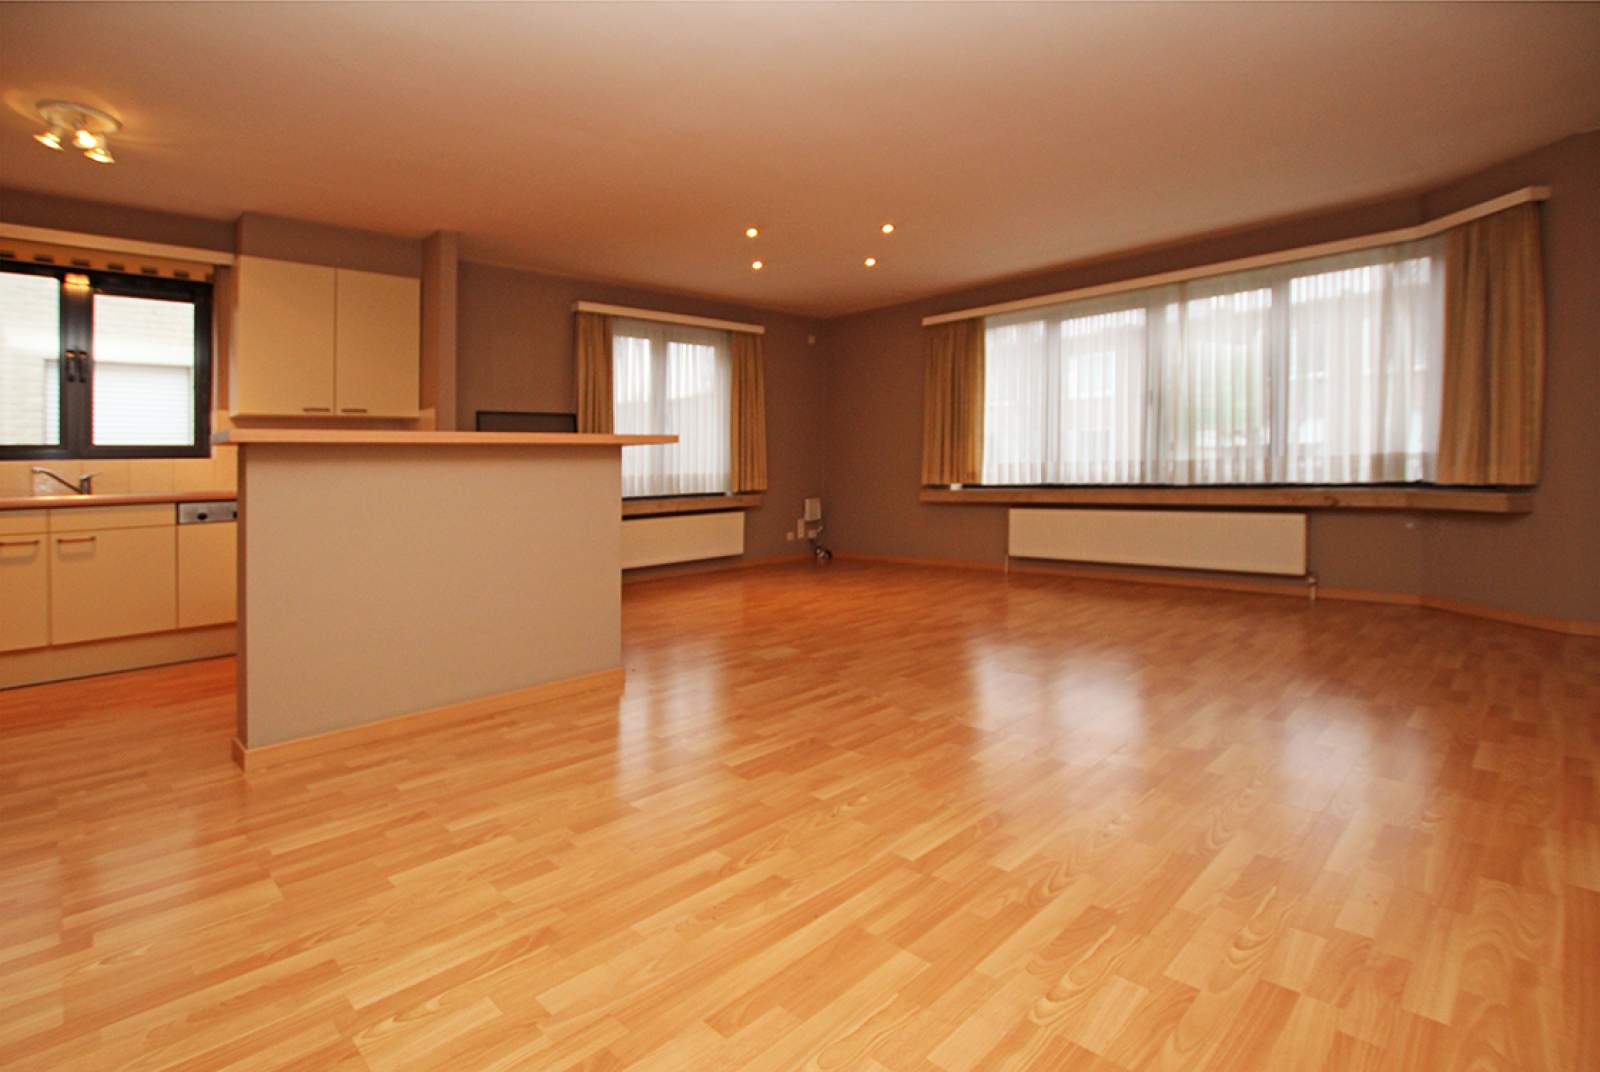 Zeer verzorgd 3-gevel appartement met twee slaapkamers en terras op goede locatie te Borsbeek! afbeelding 3